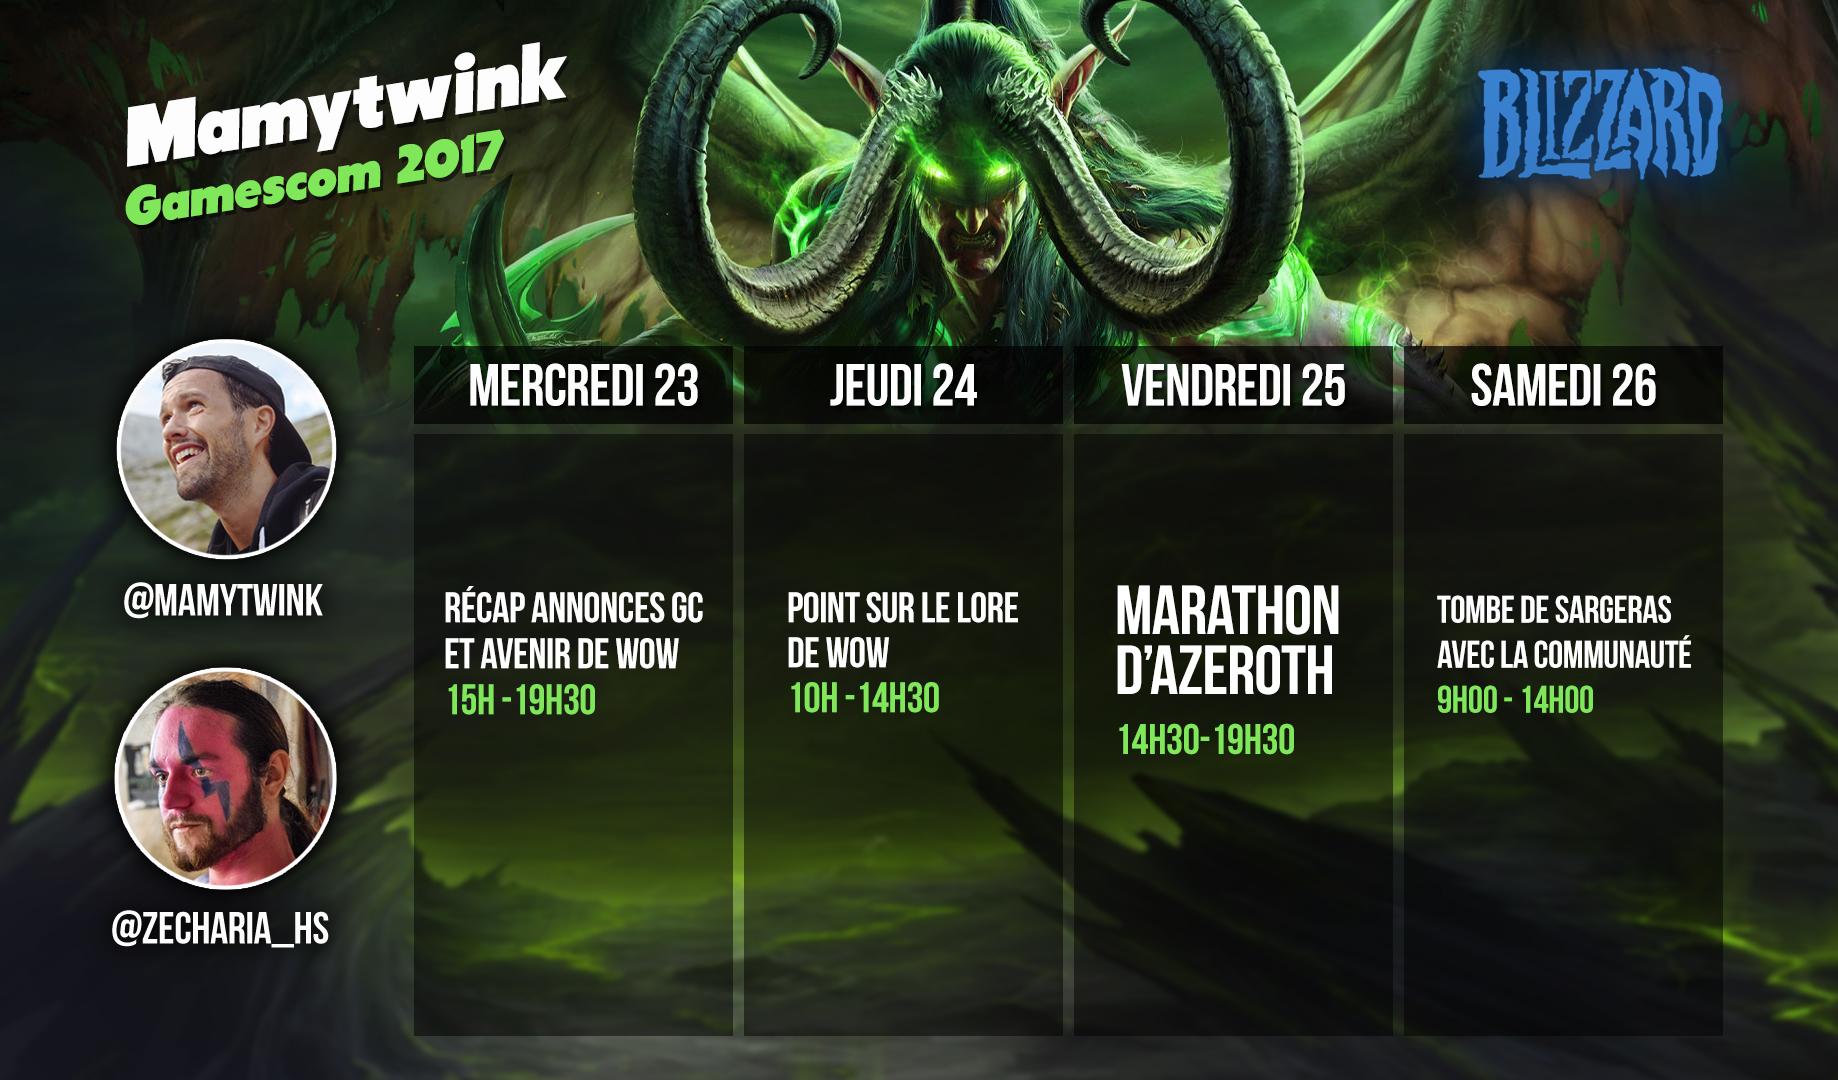 Le planning de la semaine de stream de Mamytwink et Zecharia